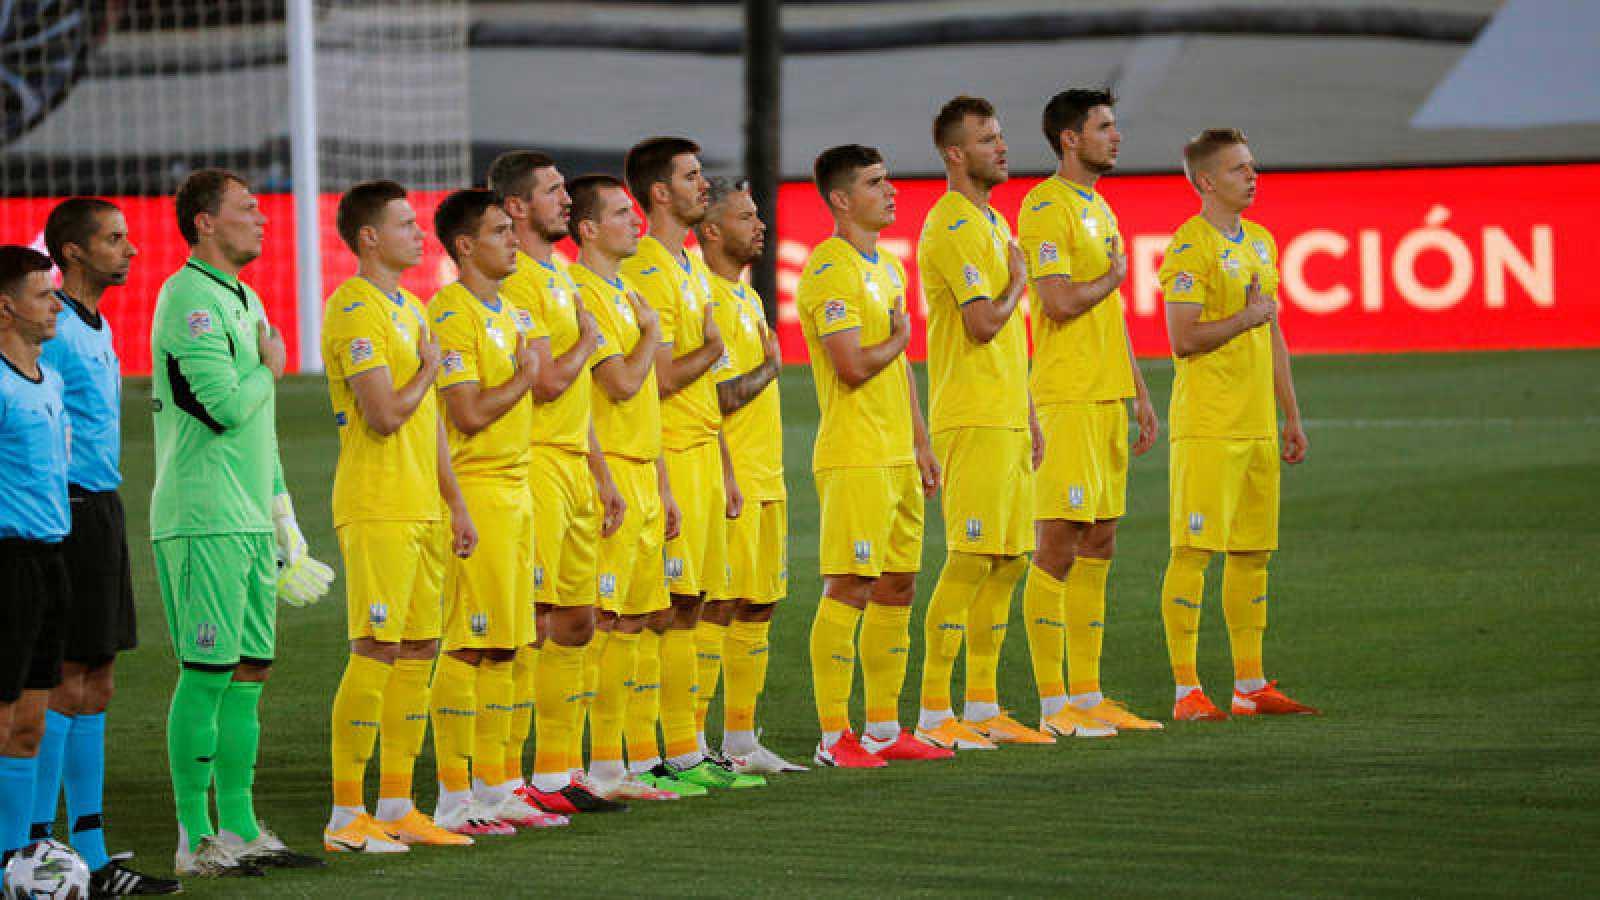 Imagen de los jugadores de la selección de Ucrania escuchando el himno nacional momentos antes del comienzo del partido de Liga de Naciones ante España.